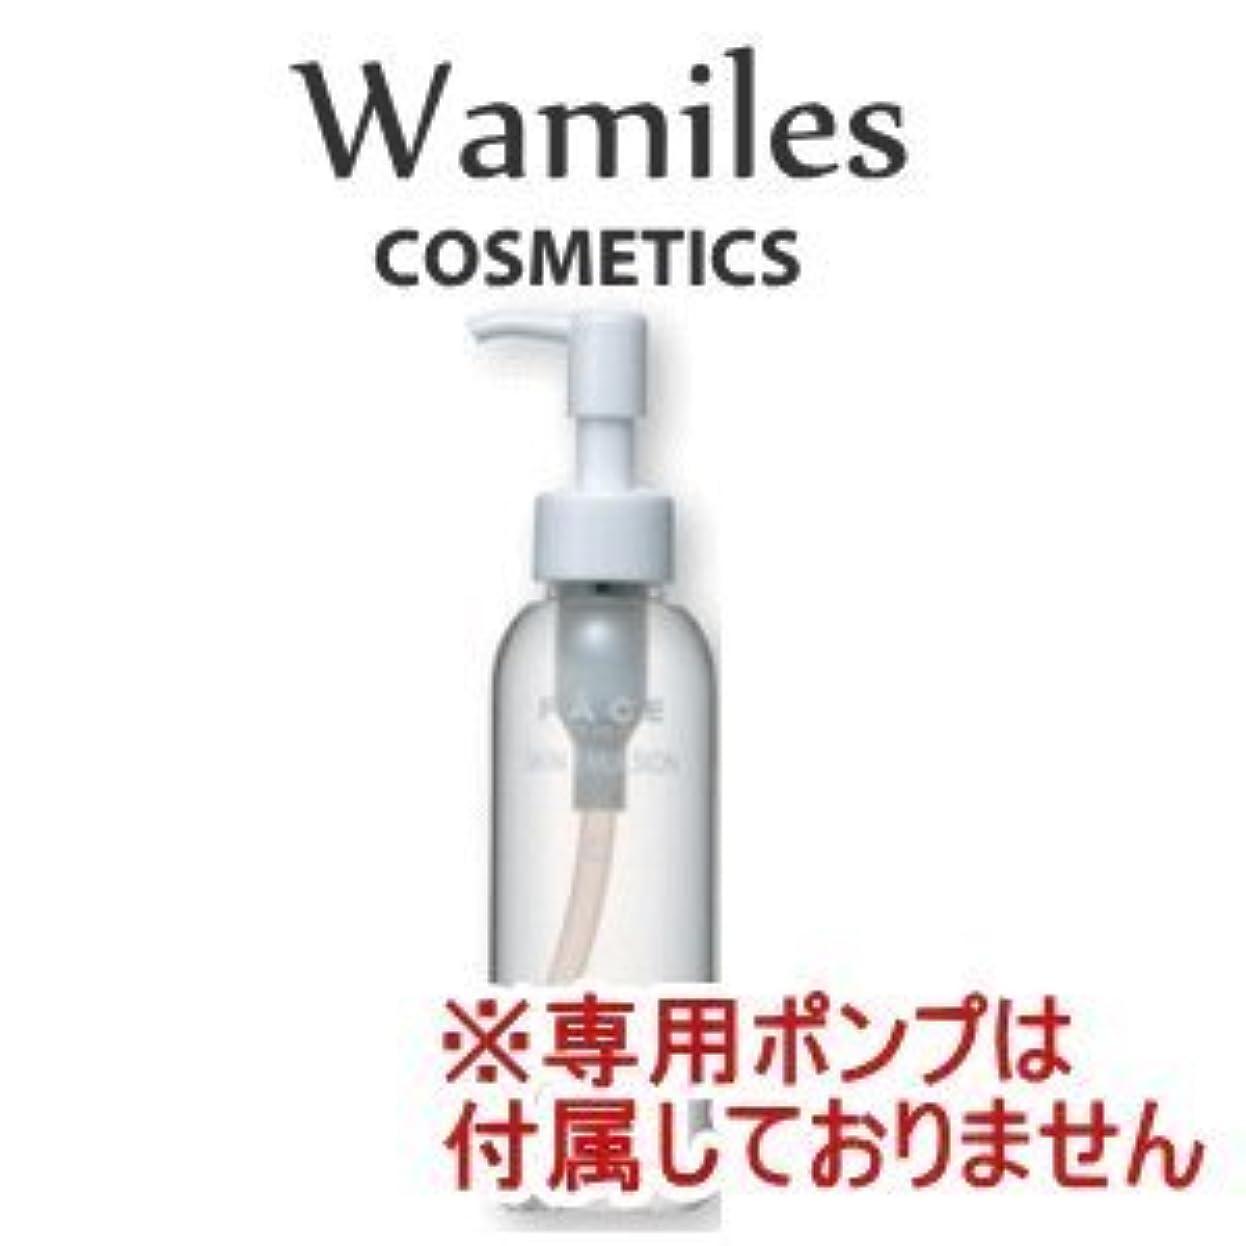 タクト転用有効wamiles/ワミレス フェイス スキンエマルジョン 150ml